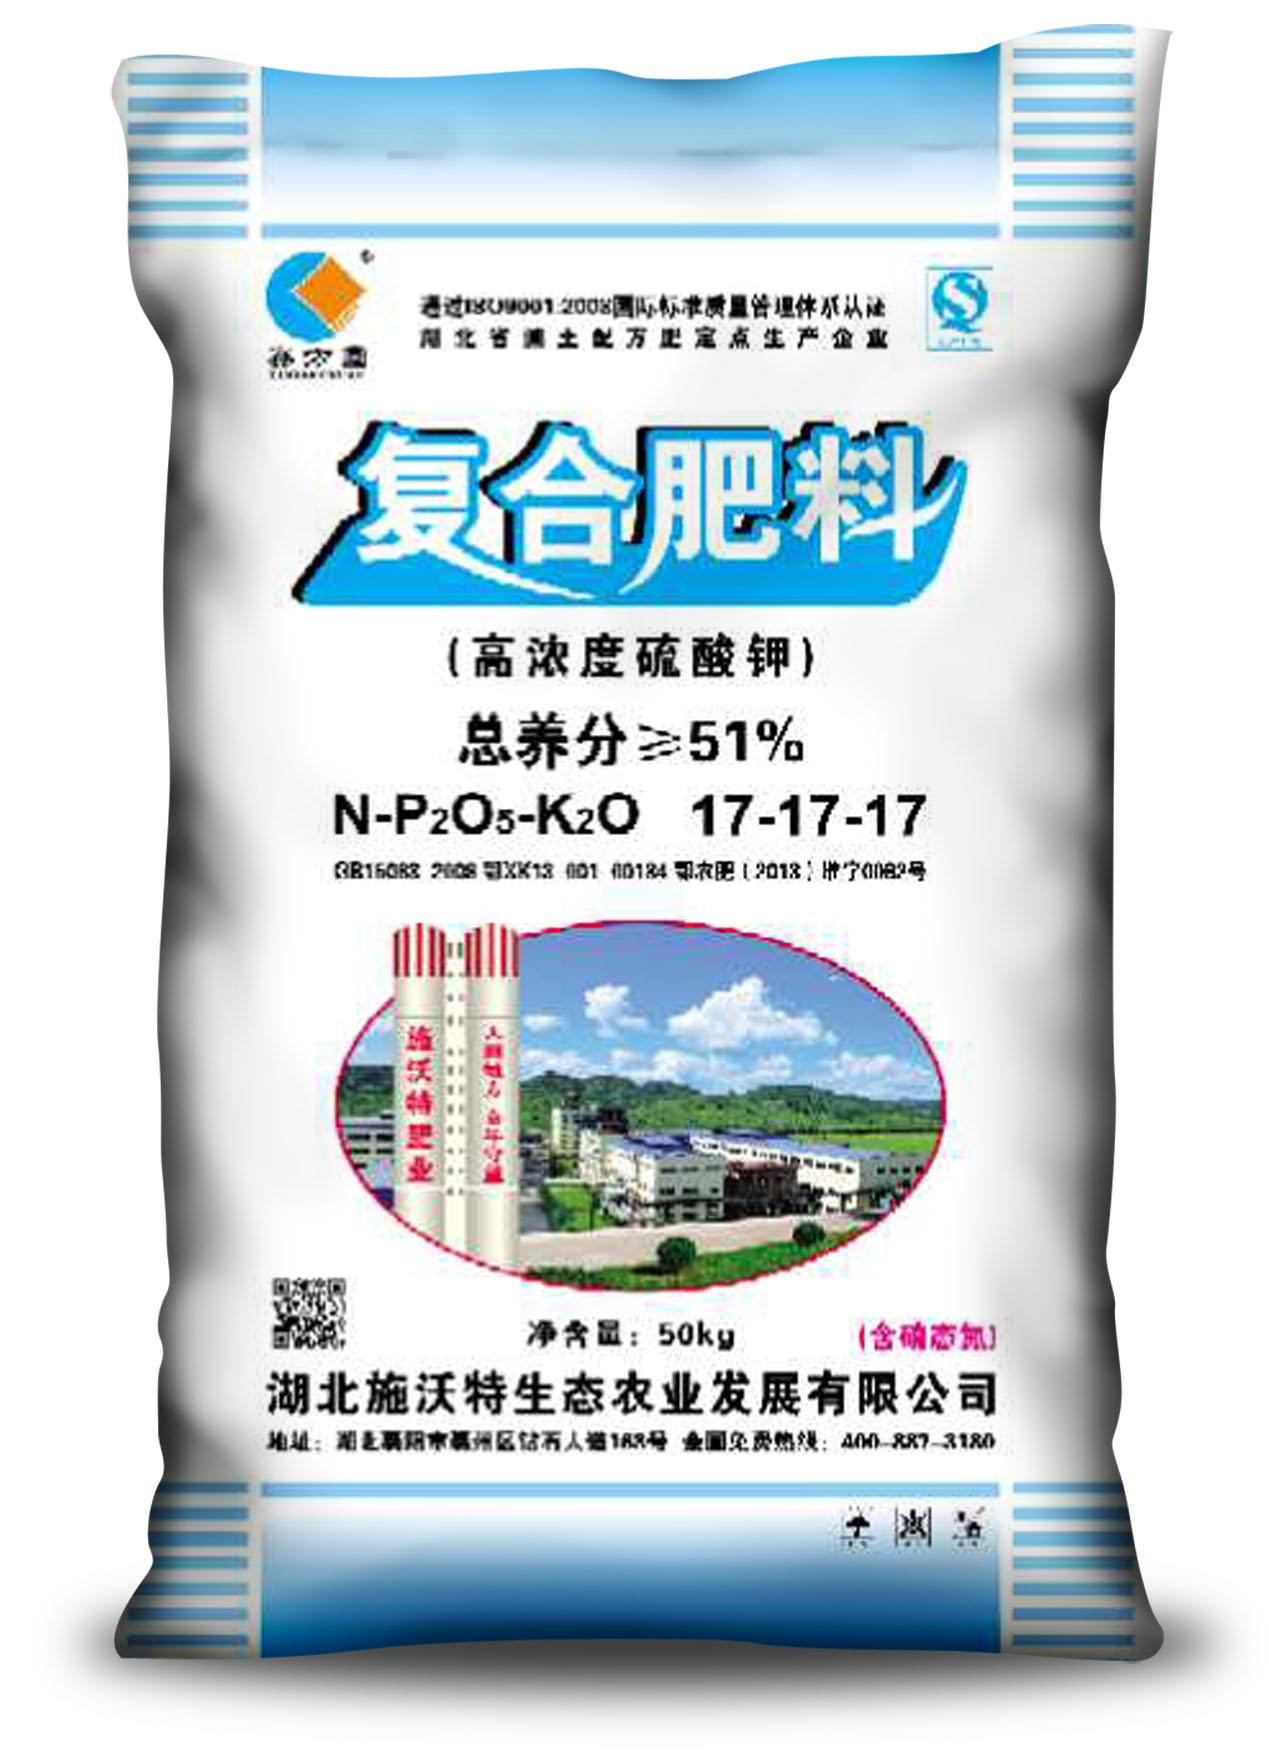 鑫方圆高浓度硫酸钾肥